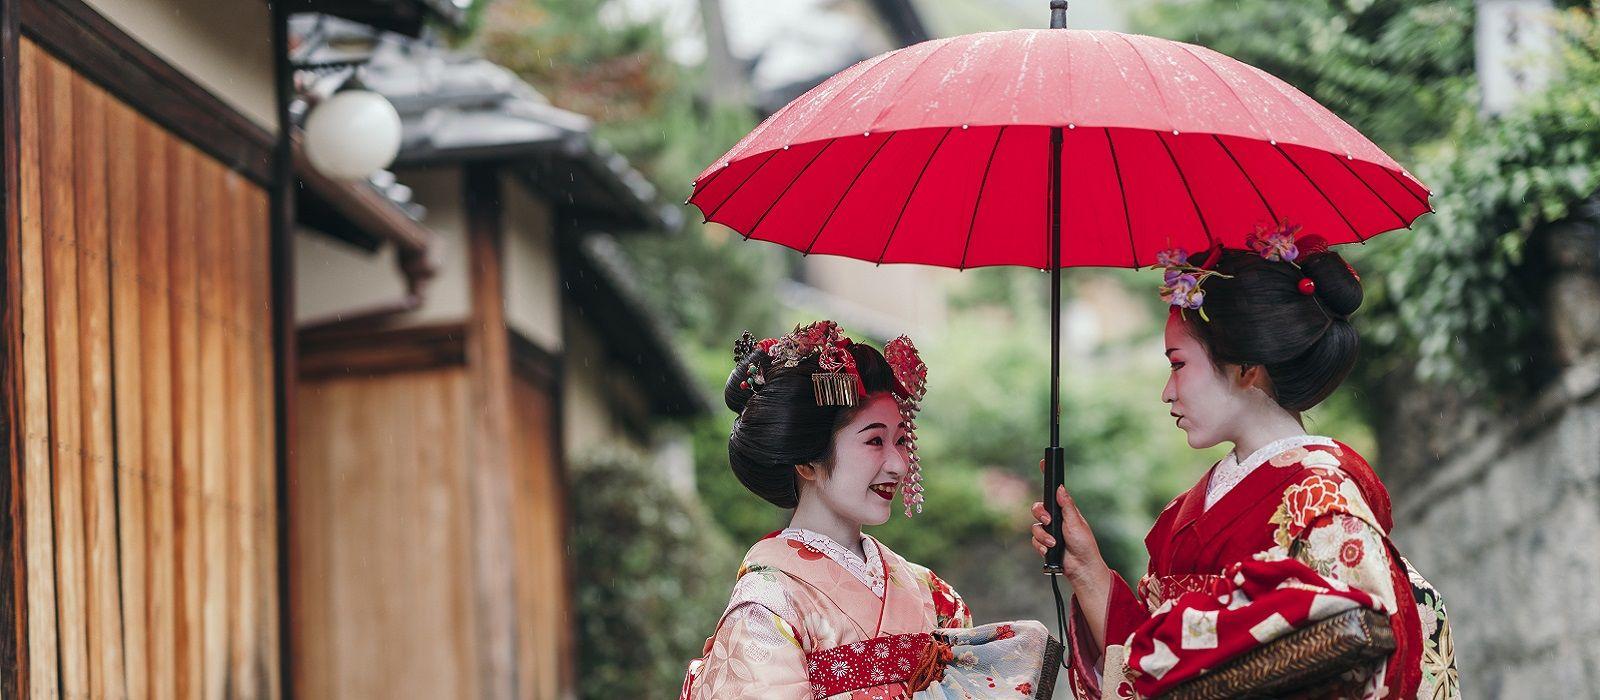 Just Japan – An Introduction Tour Trip 2